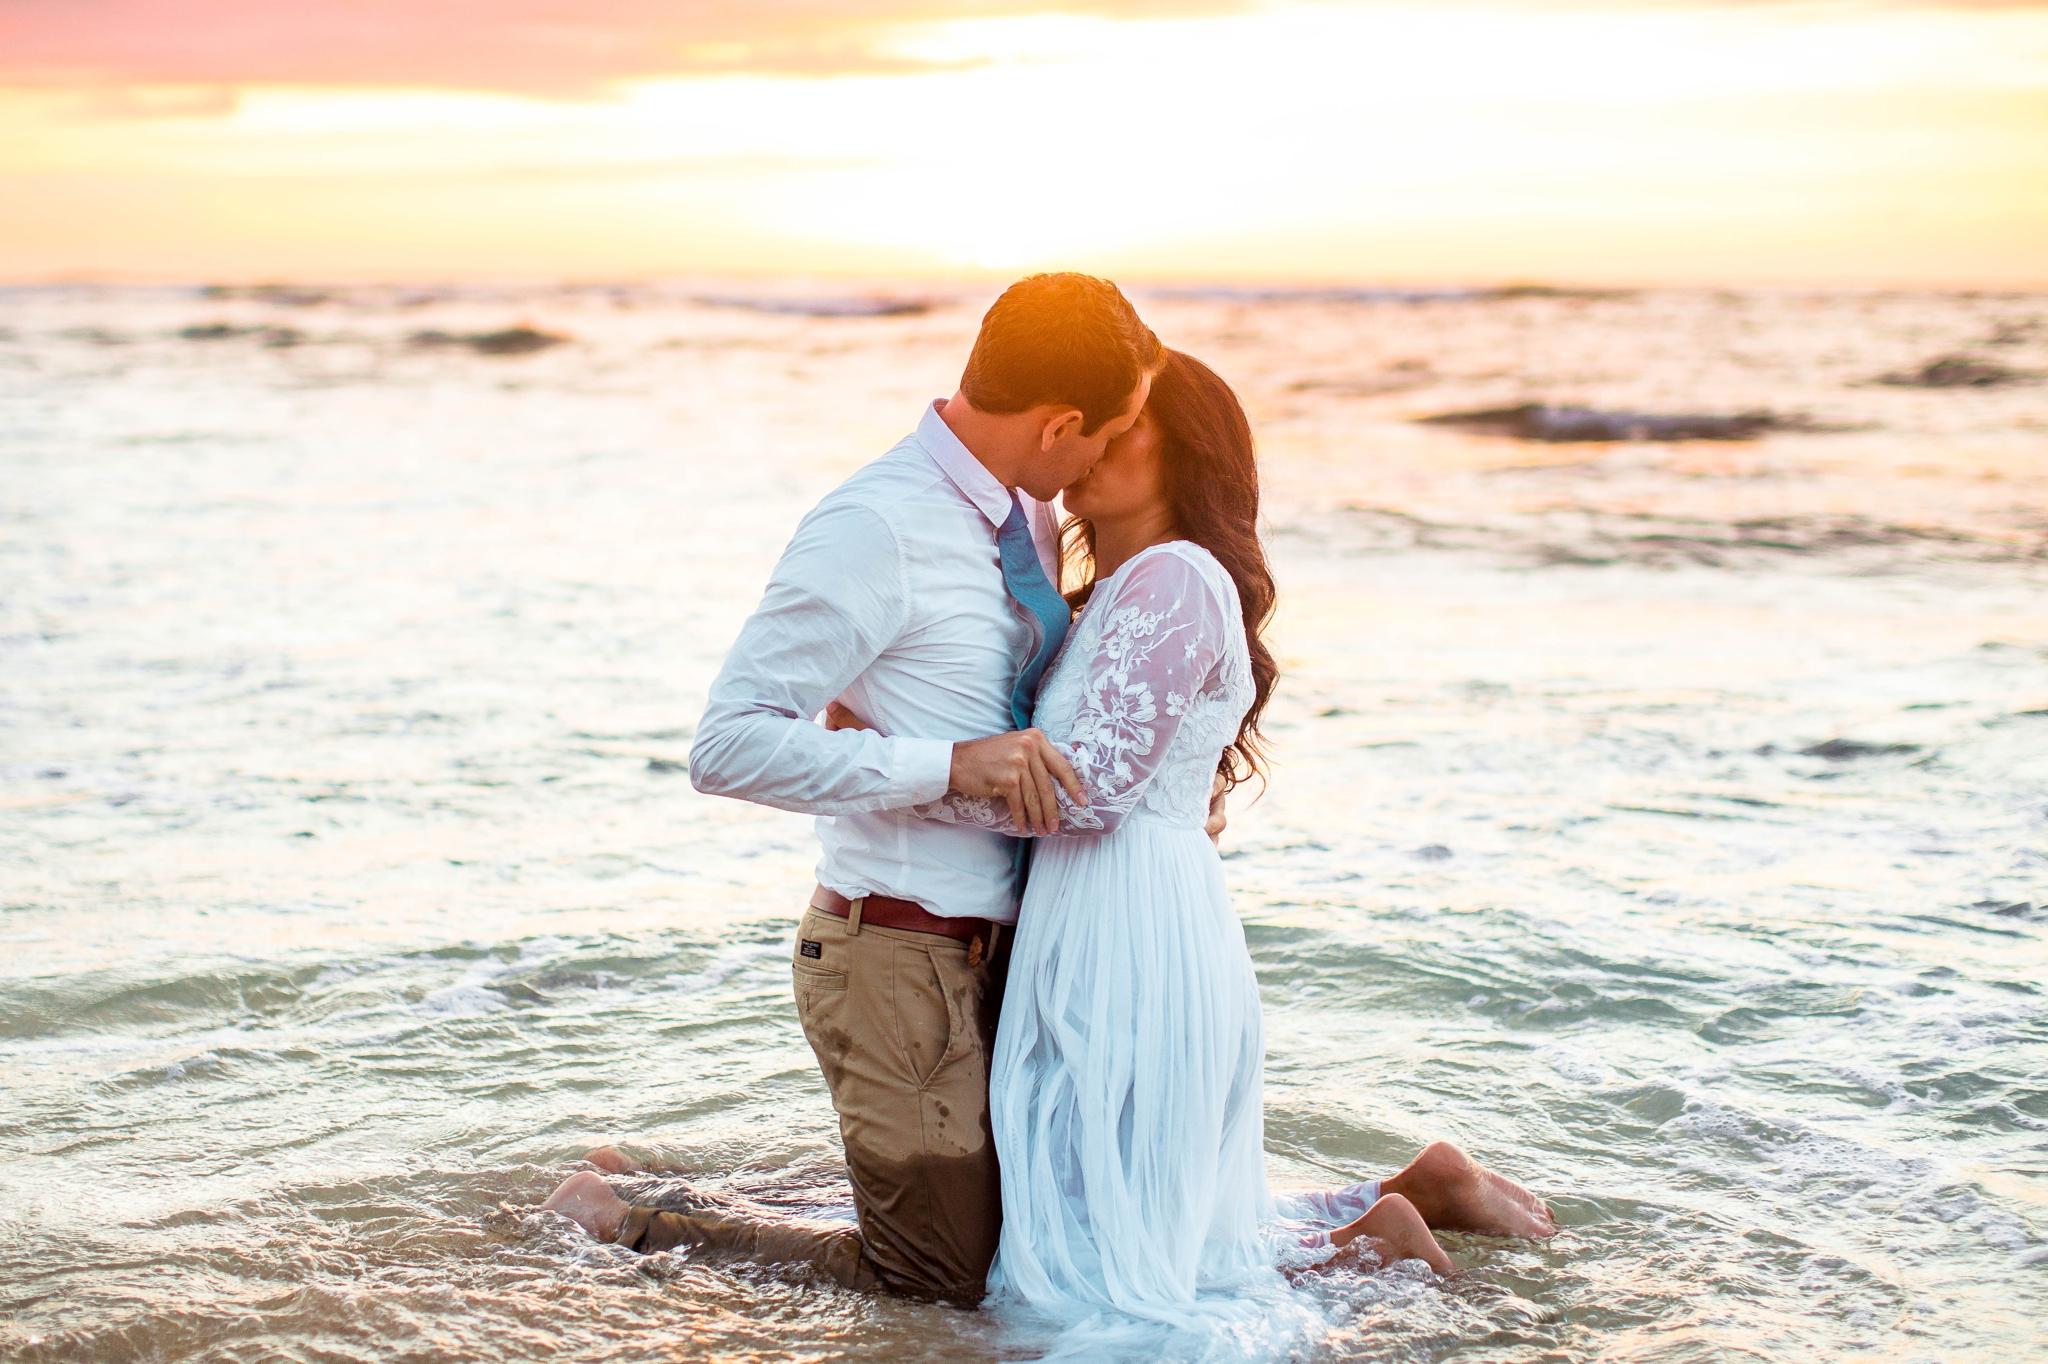 Bride and Groom kissing in the ocean - Wedding Portraits at Sunset in Hawaii - Ana + Elijah - Wedding at Loulu Palm in Haleiwa, HI - Oahu Hawaii Wedding Photographer - #hawaiiweddingphotographer #oahuweddings #hawaiiweddings